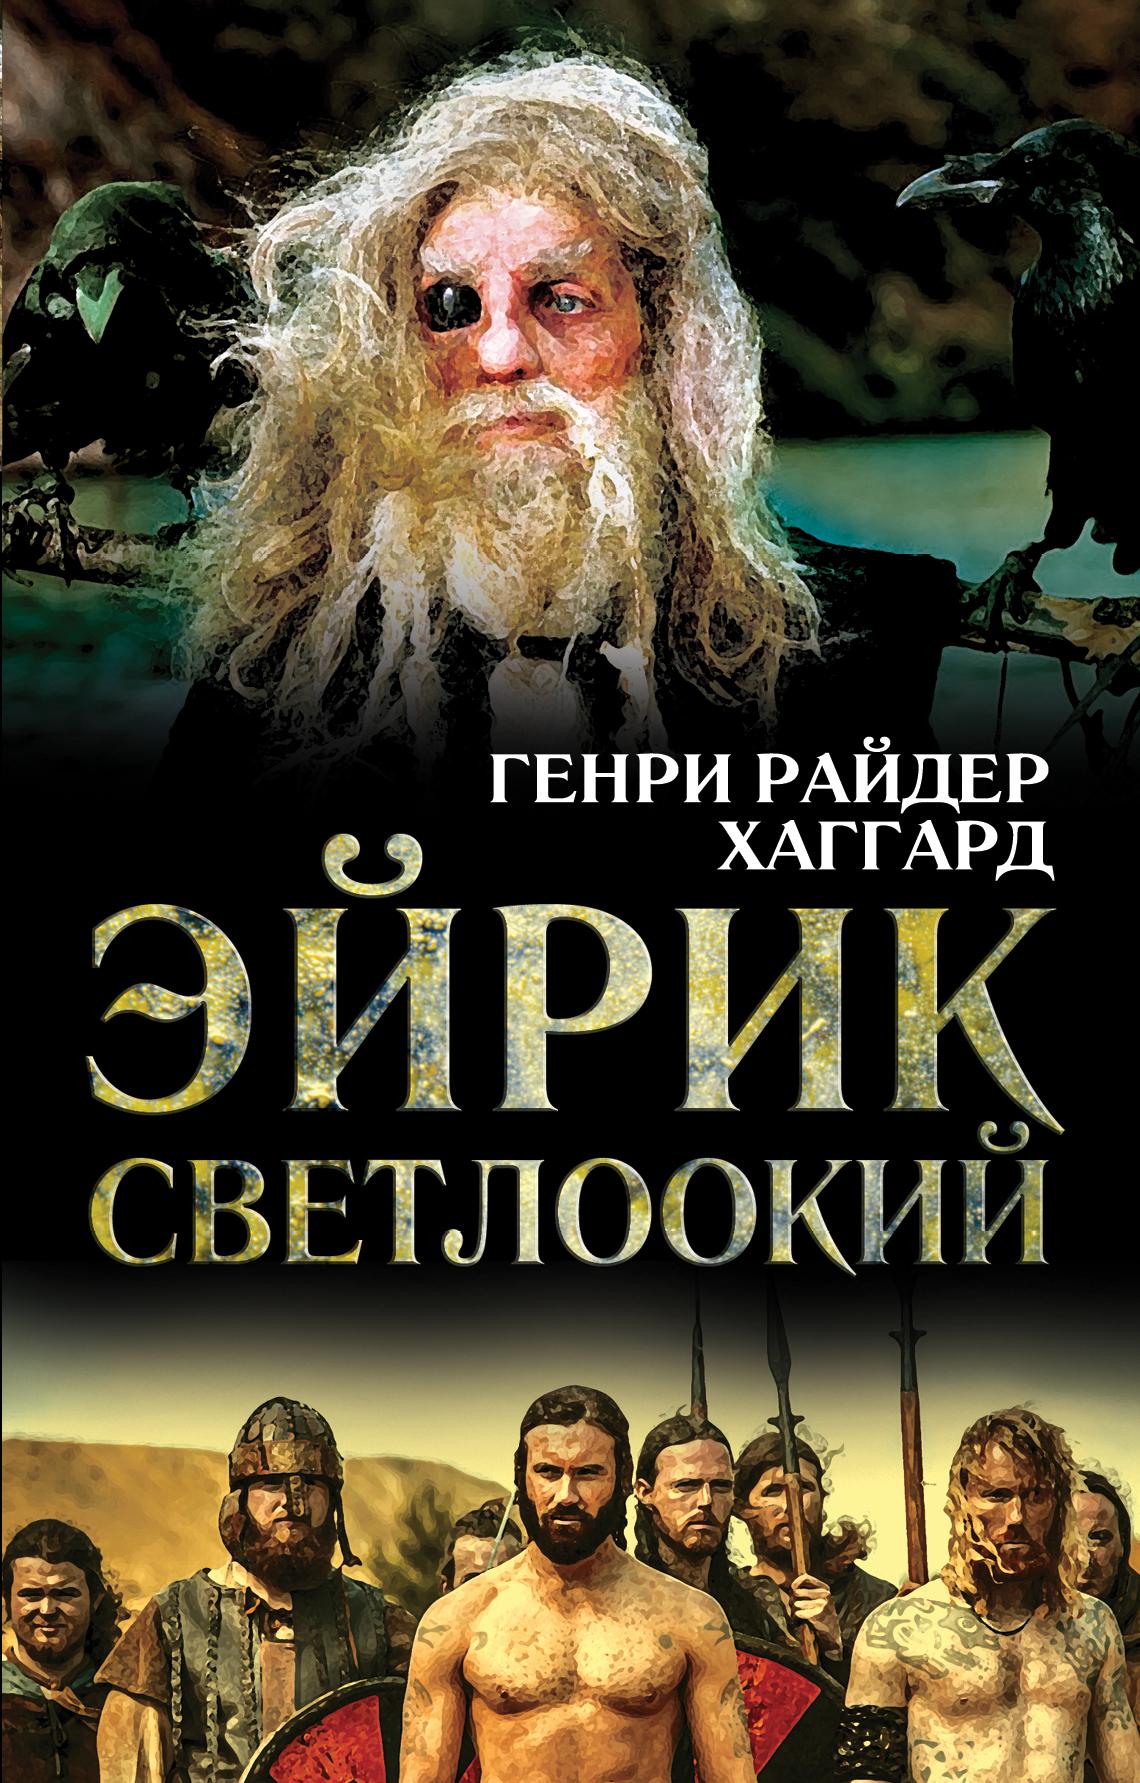 Хаггард Г.Р. Эйрик Светлоокий